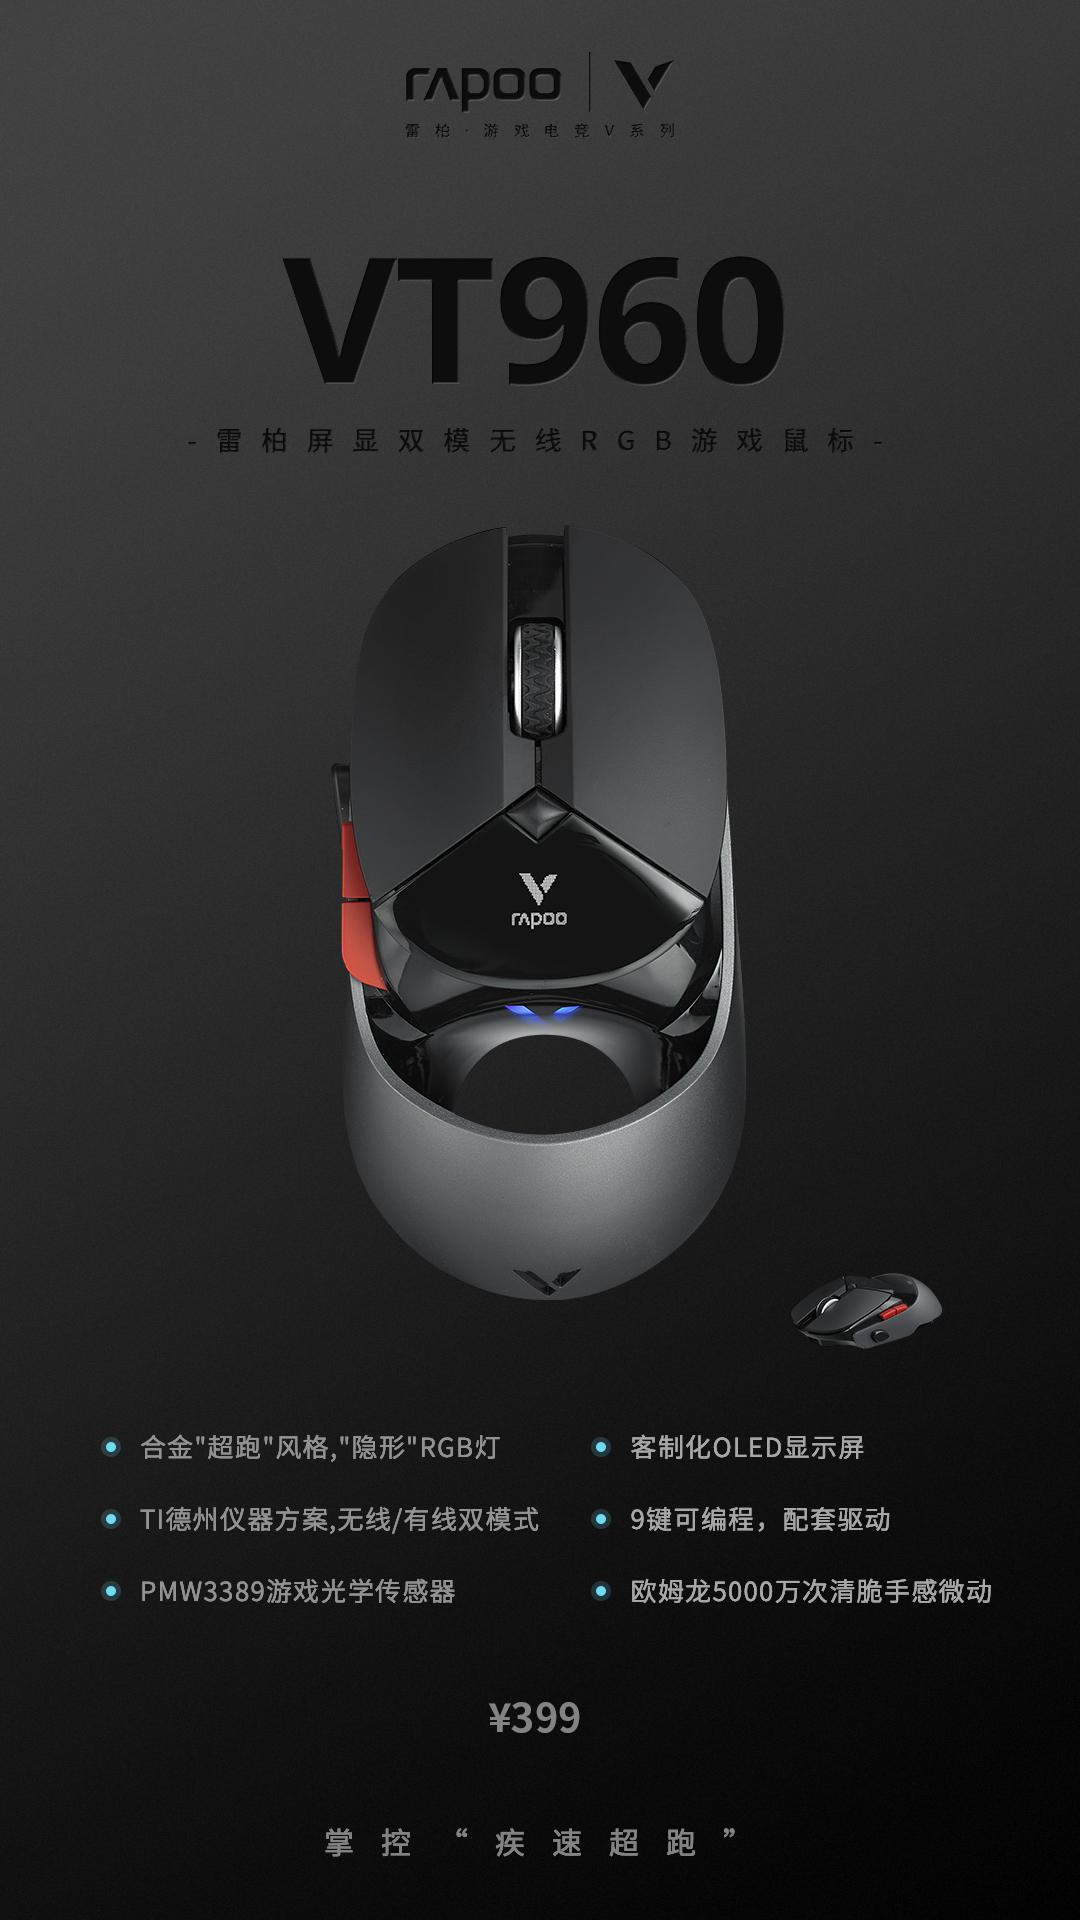 绝地求生一键下趴 雷柏VT960屏显双模无线RGB游戏鼠标宏定义驱动设置